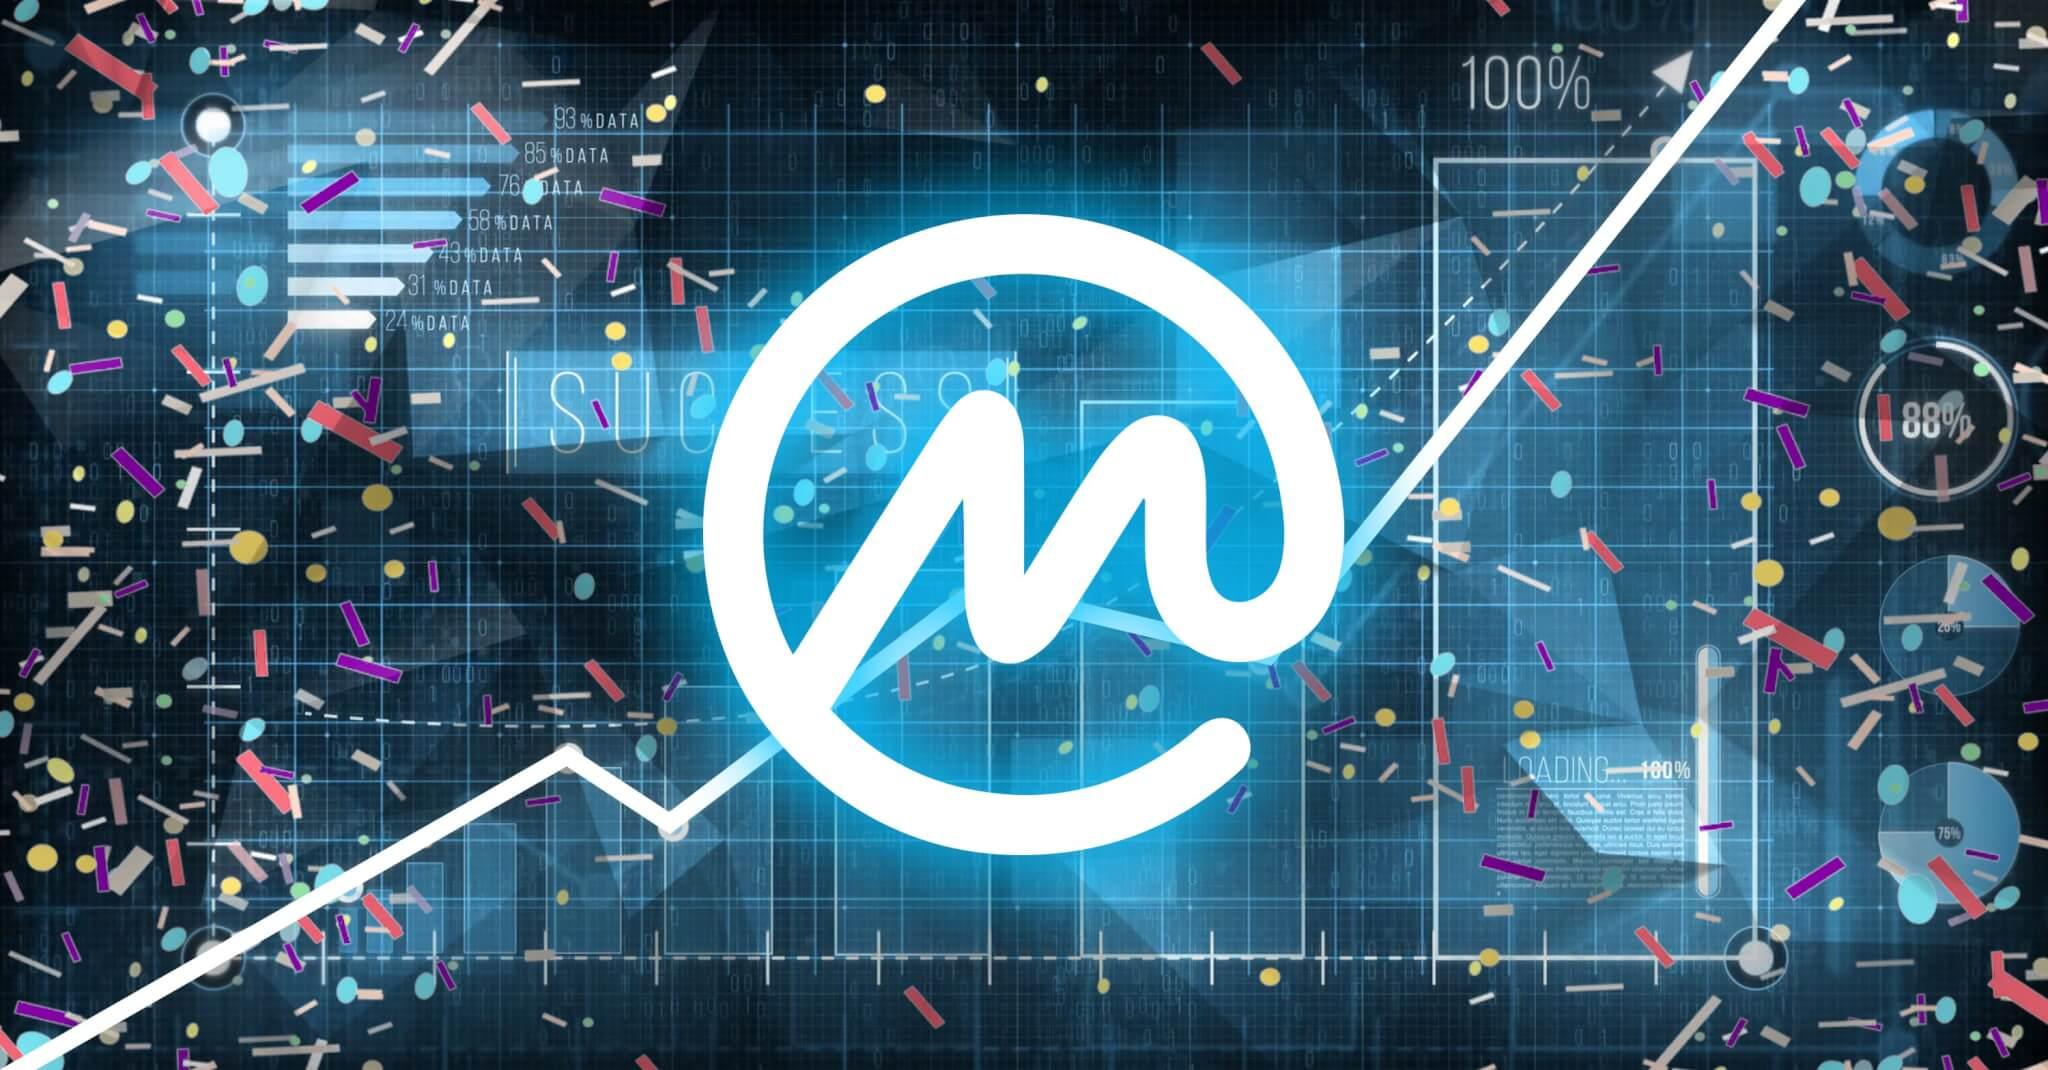 CoinMarketCap adquiere Hashtag Capital para reforzar su iniciativa DATA